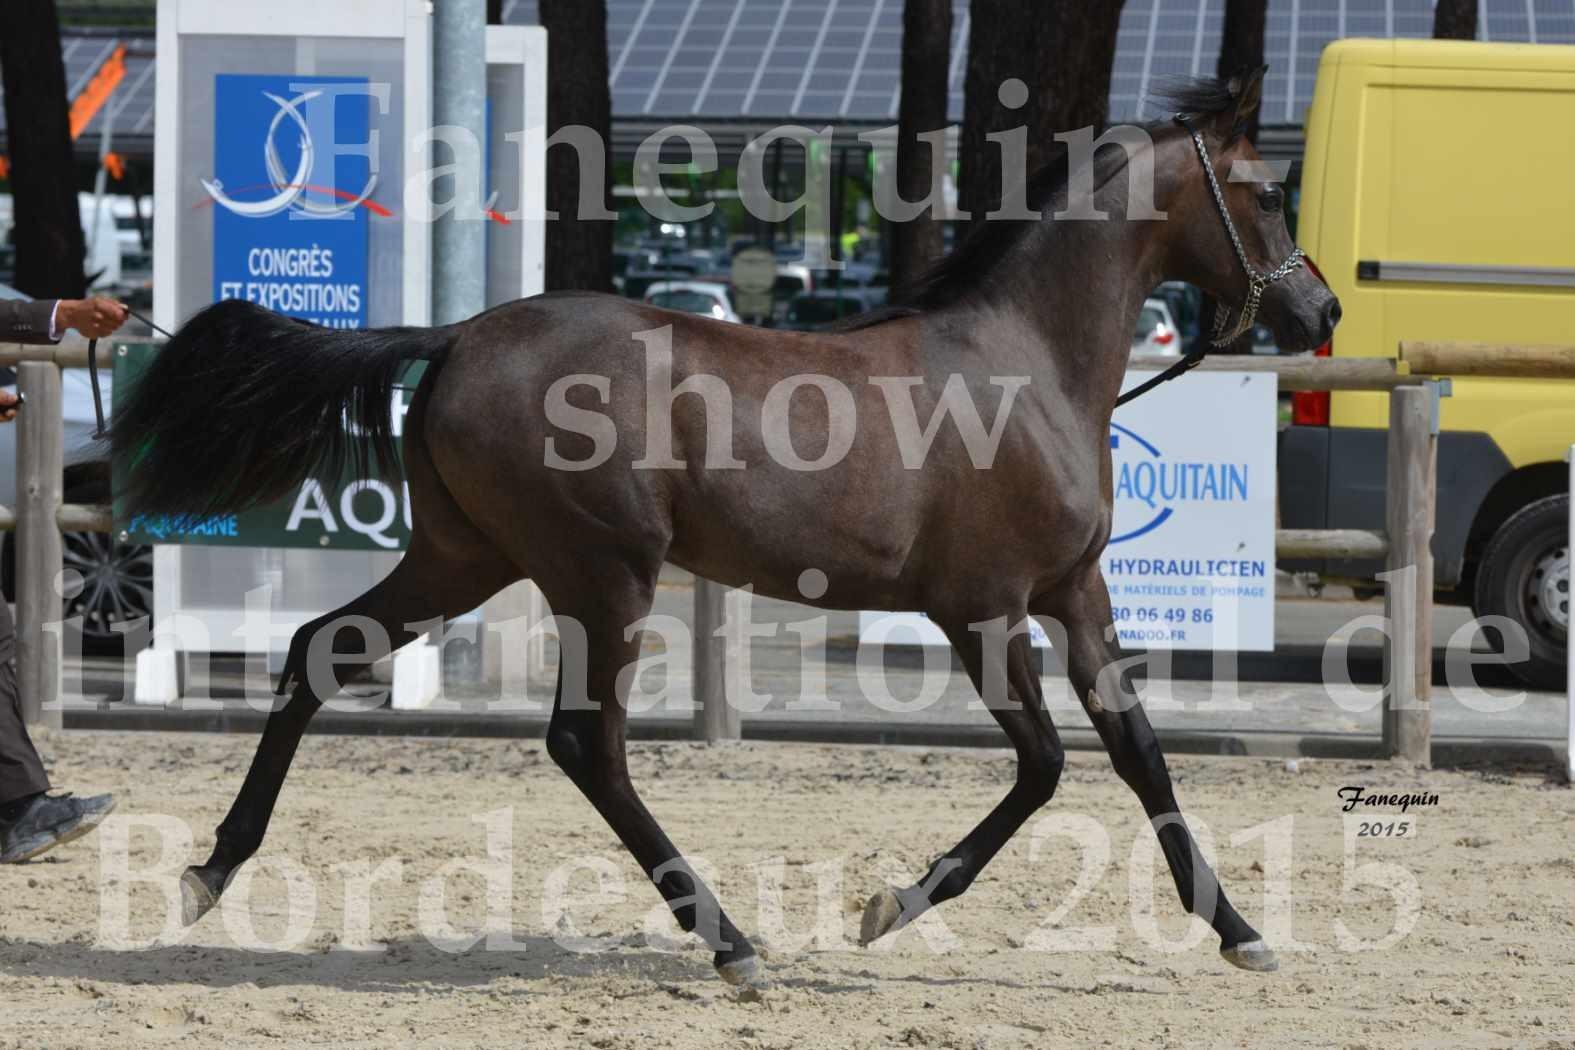 Salon Equitaine de Bordeaux 2015 - Show International de chevaux ARABES - 1